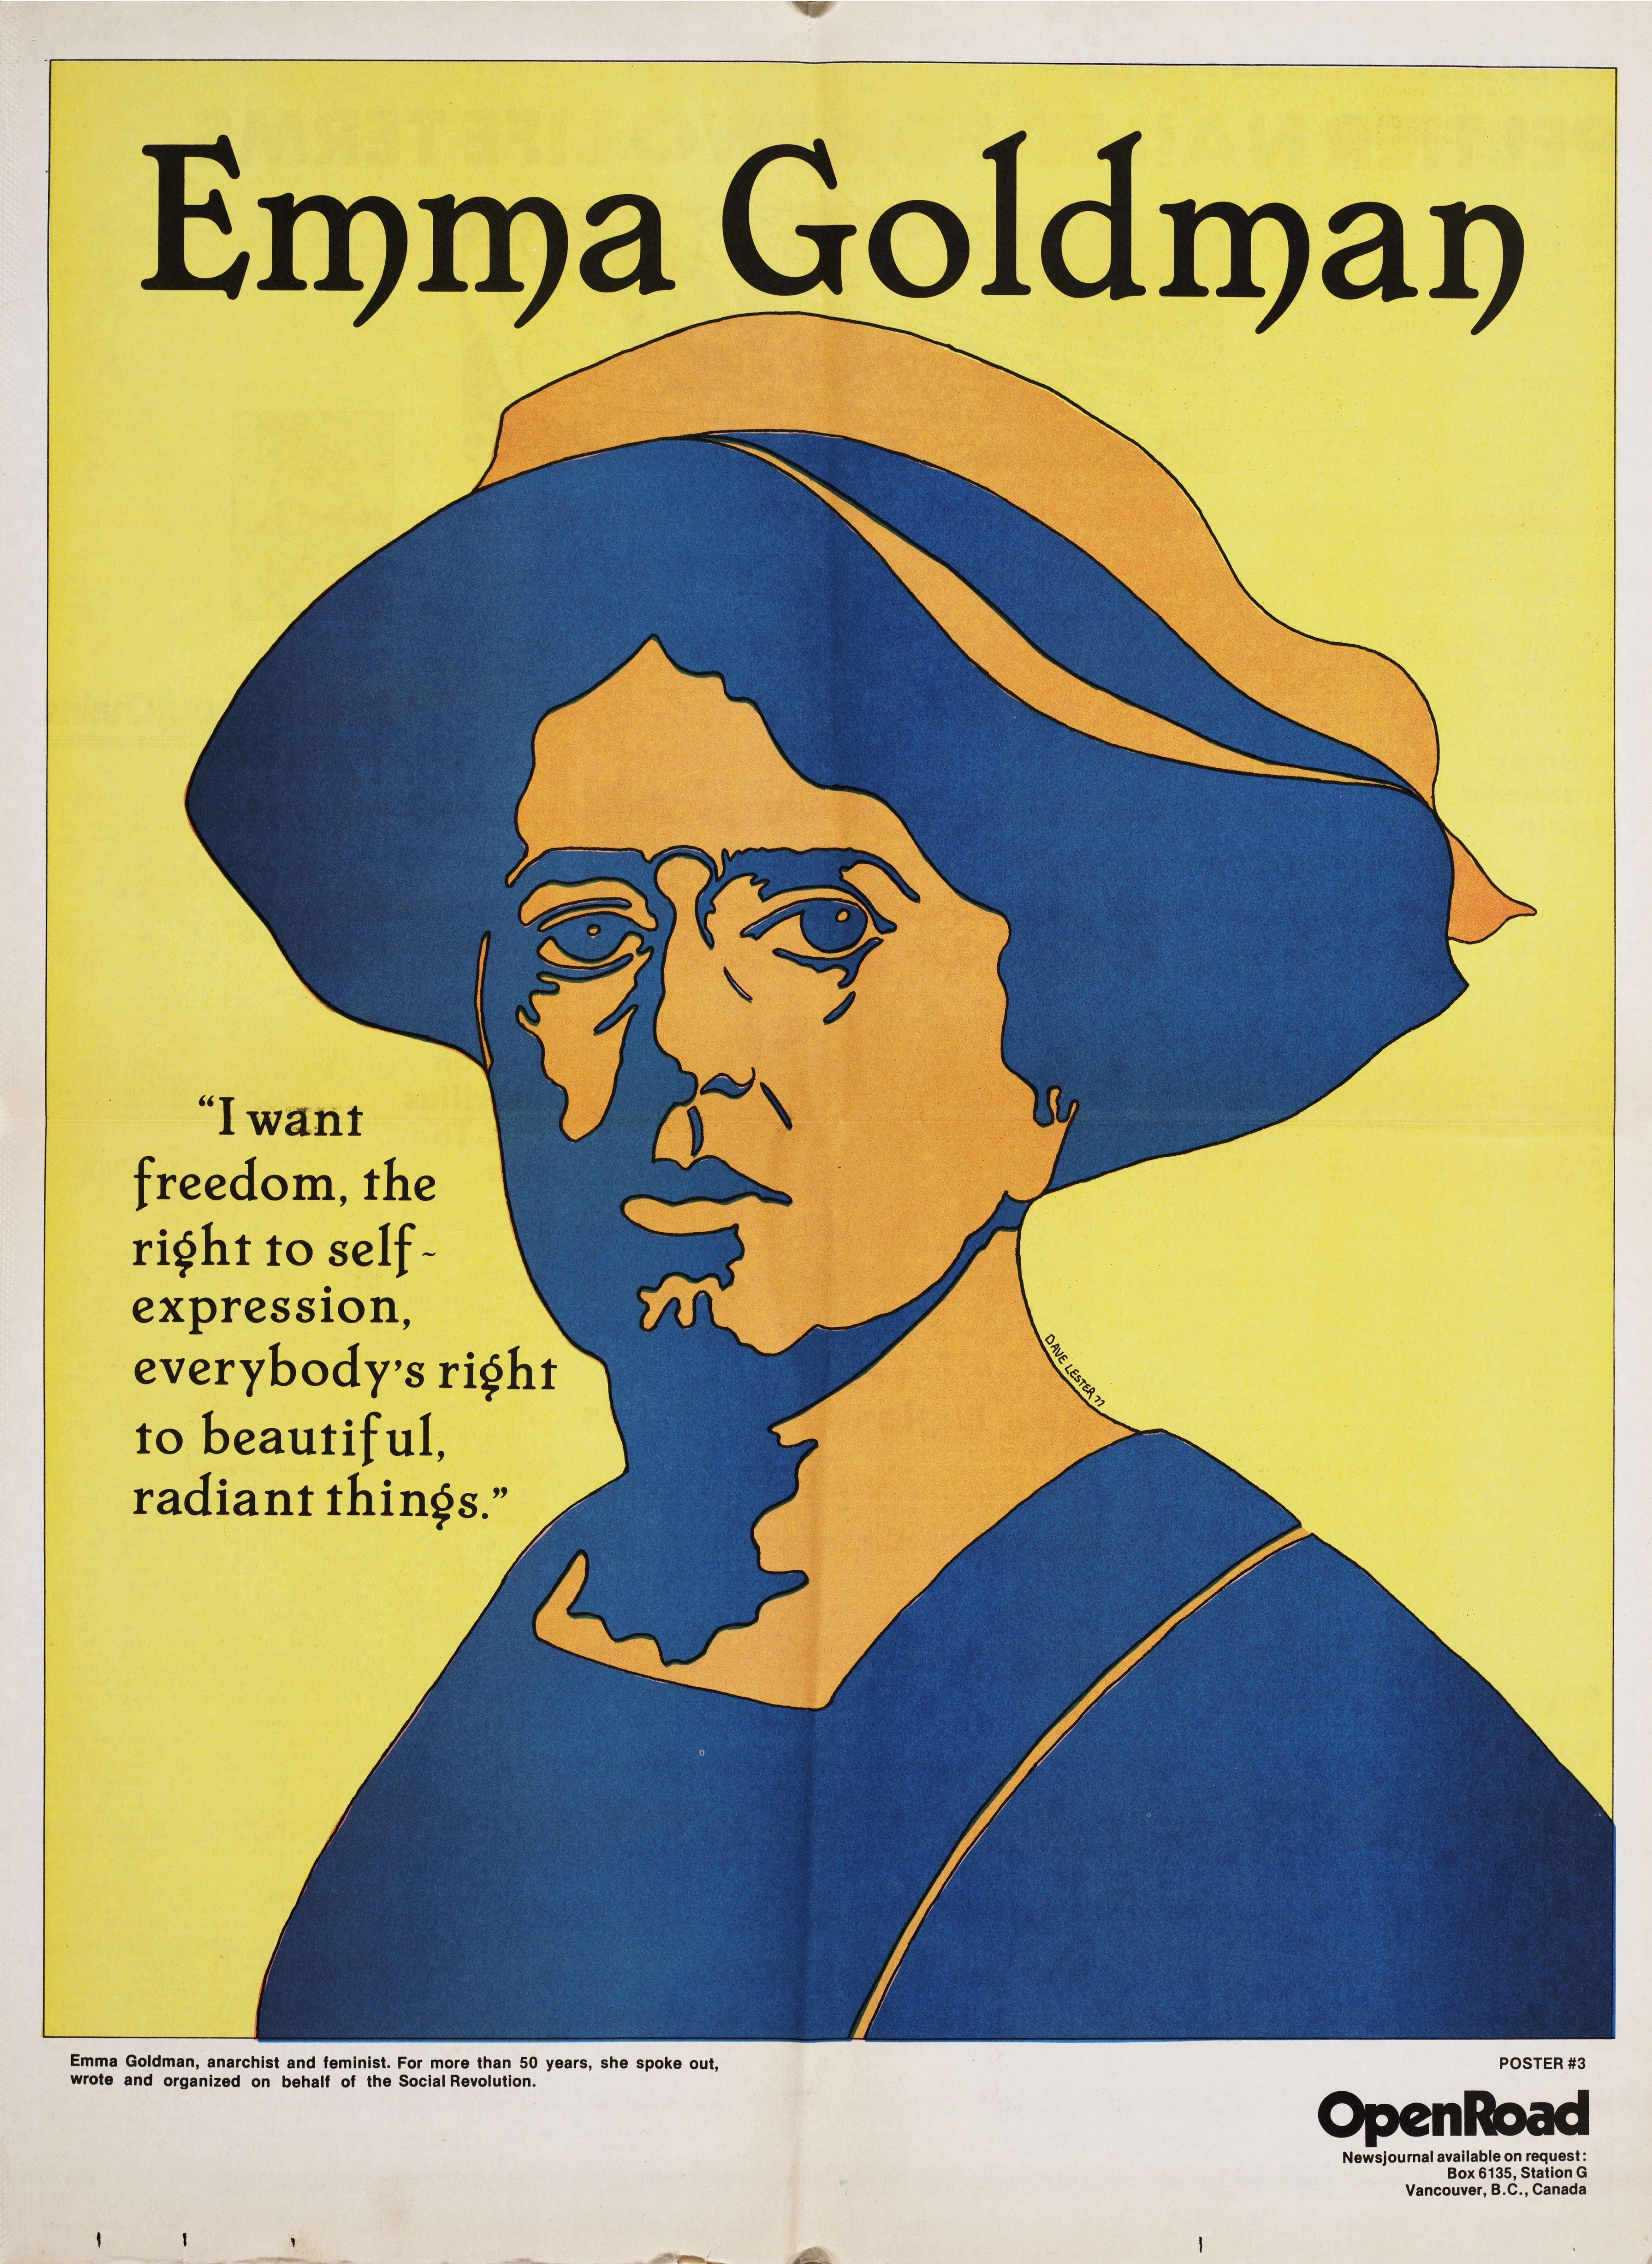 Open Road - Numero 3 - Été 1977 - Emma Goldman - artiste David Lester p.10-11